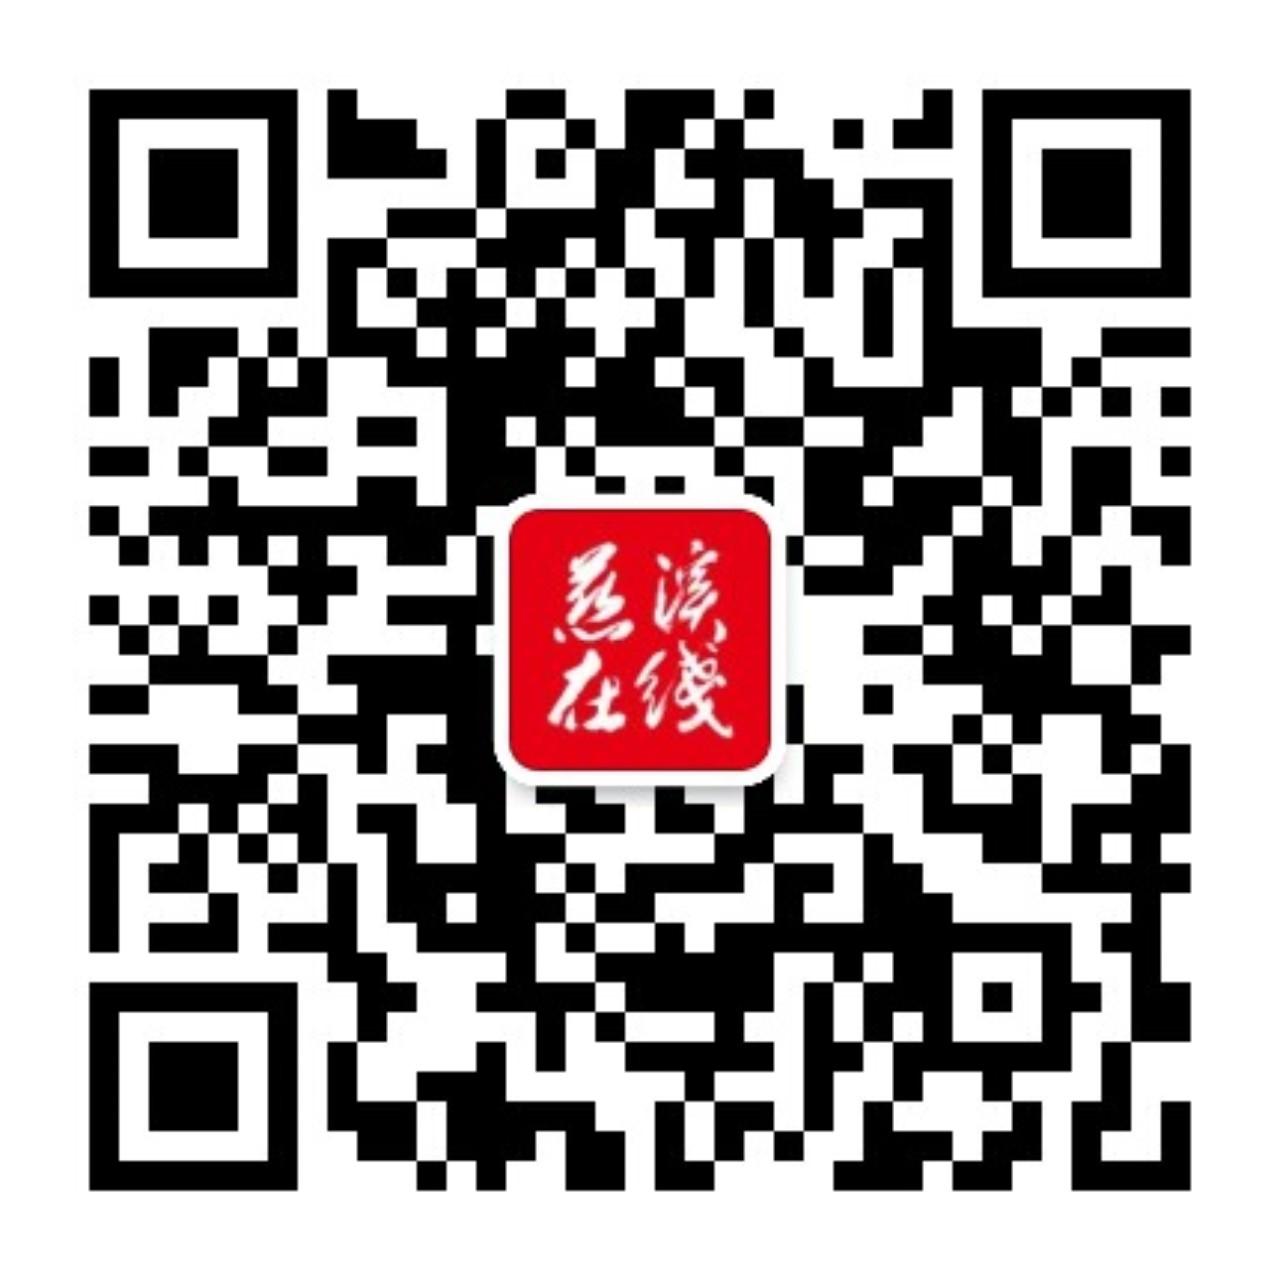 慈溪在线官方微信